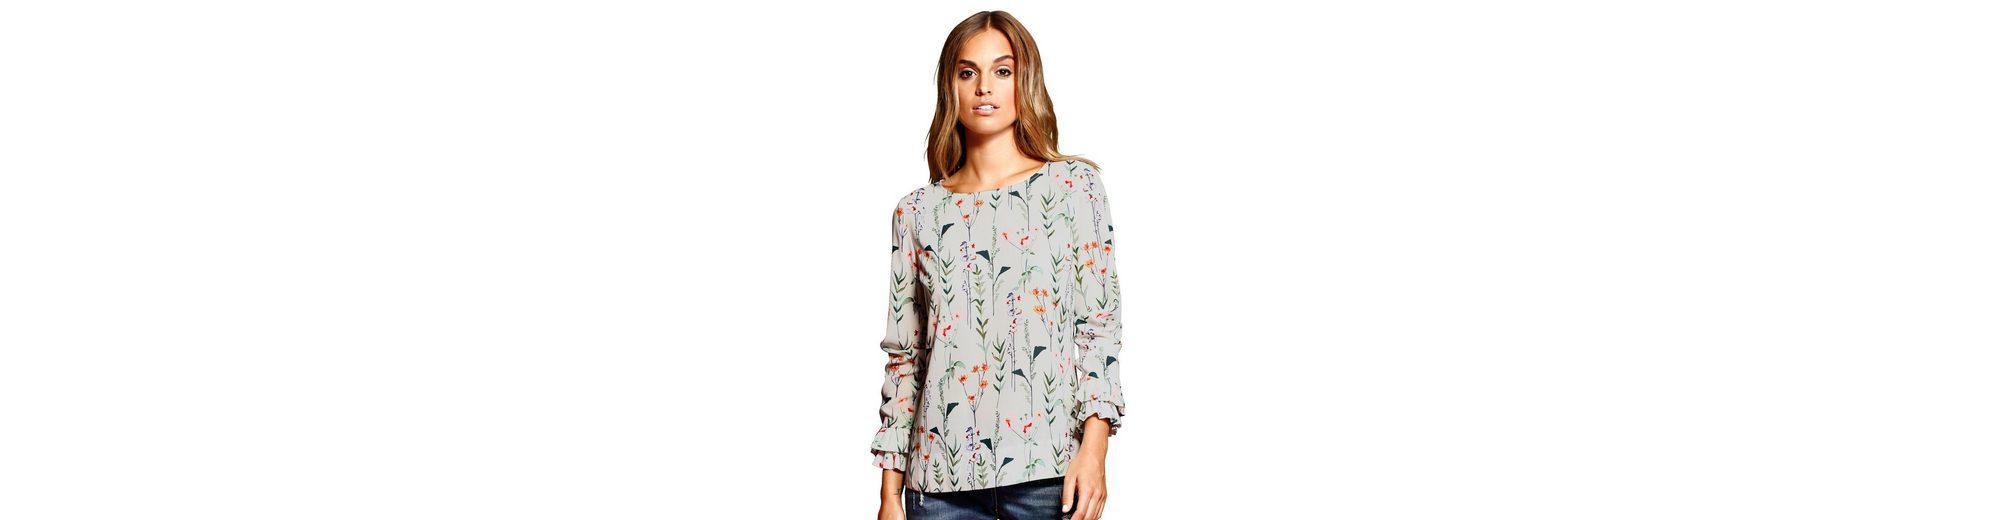 Alba Moda Druckbluse mit trendigem Blumendruck allover